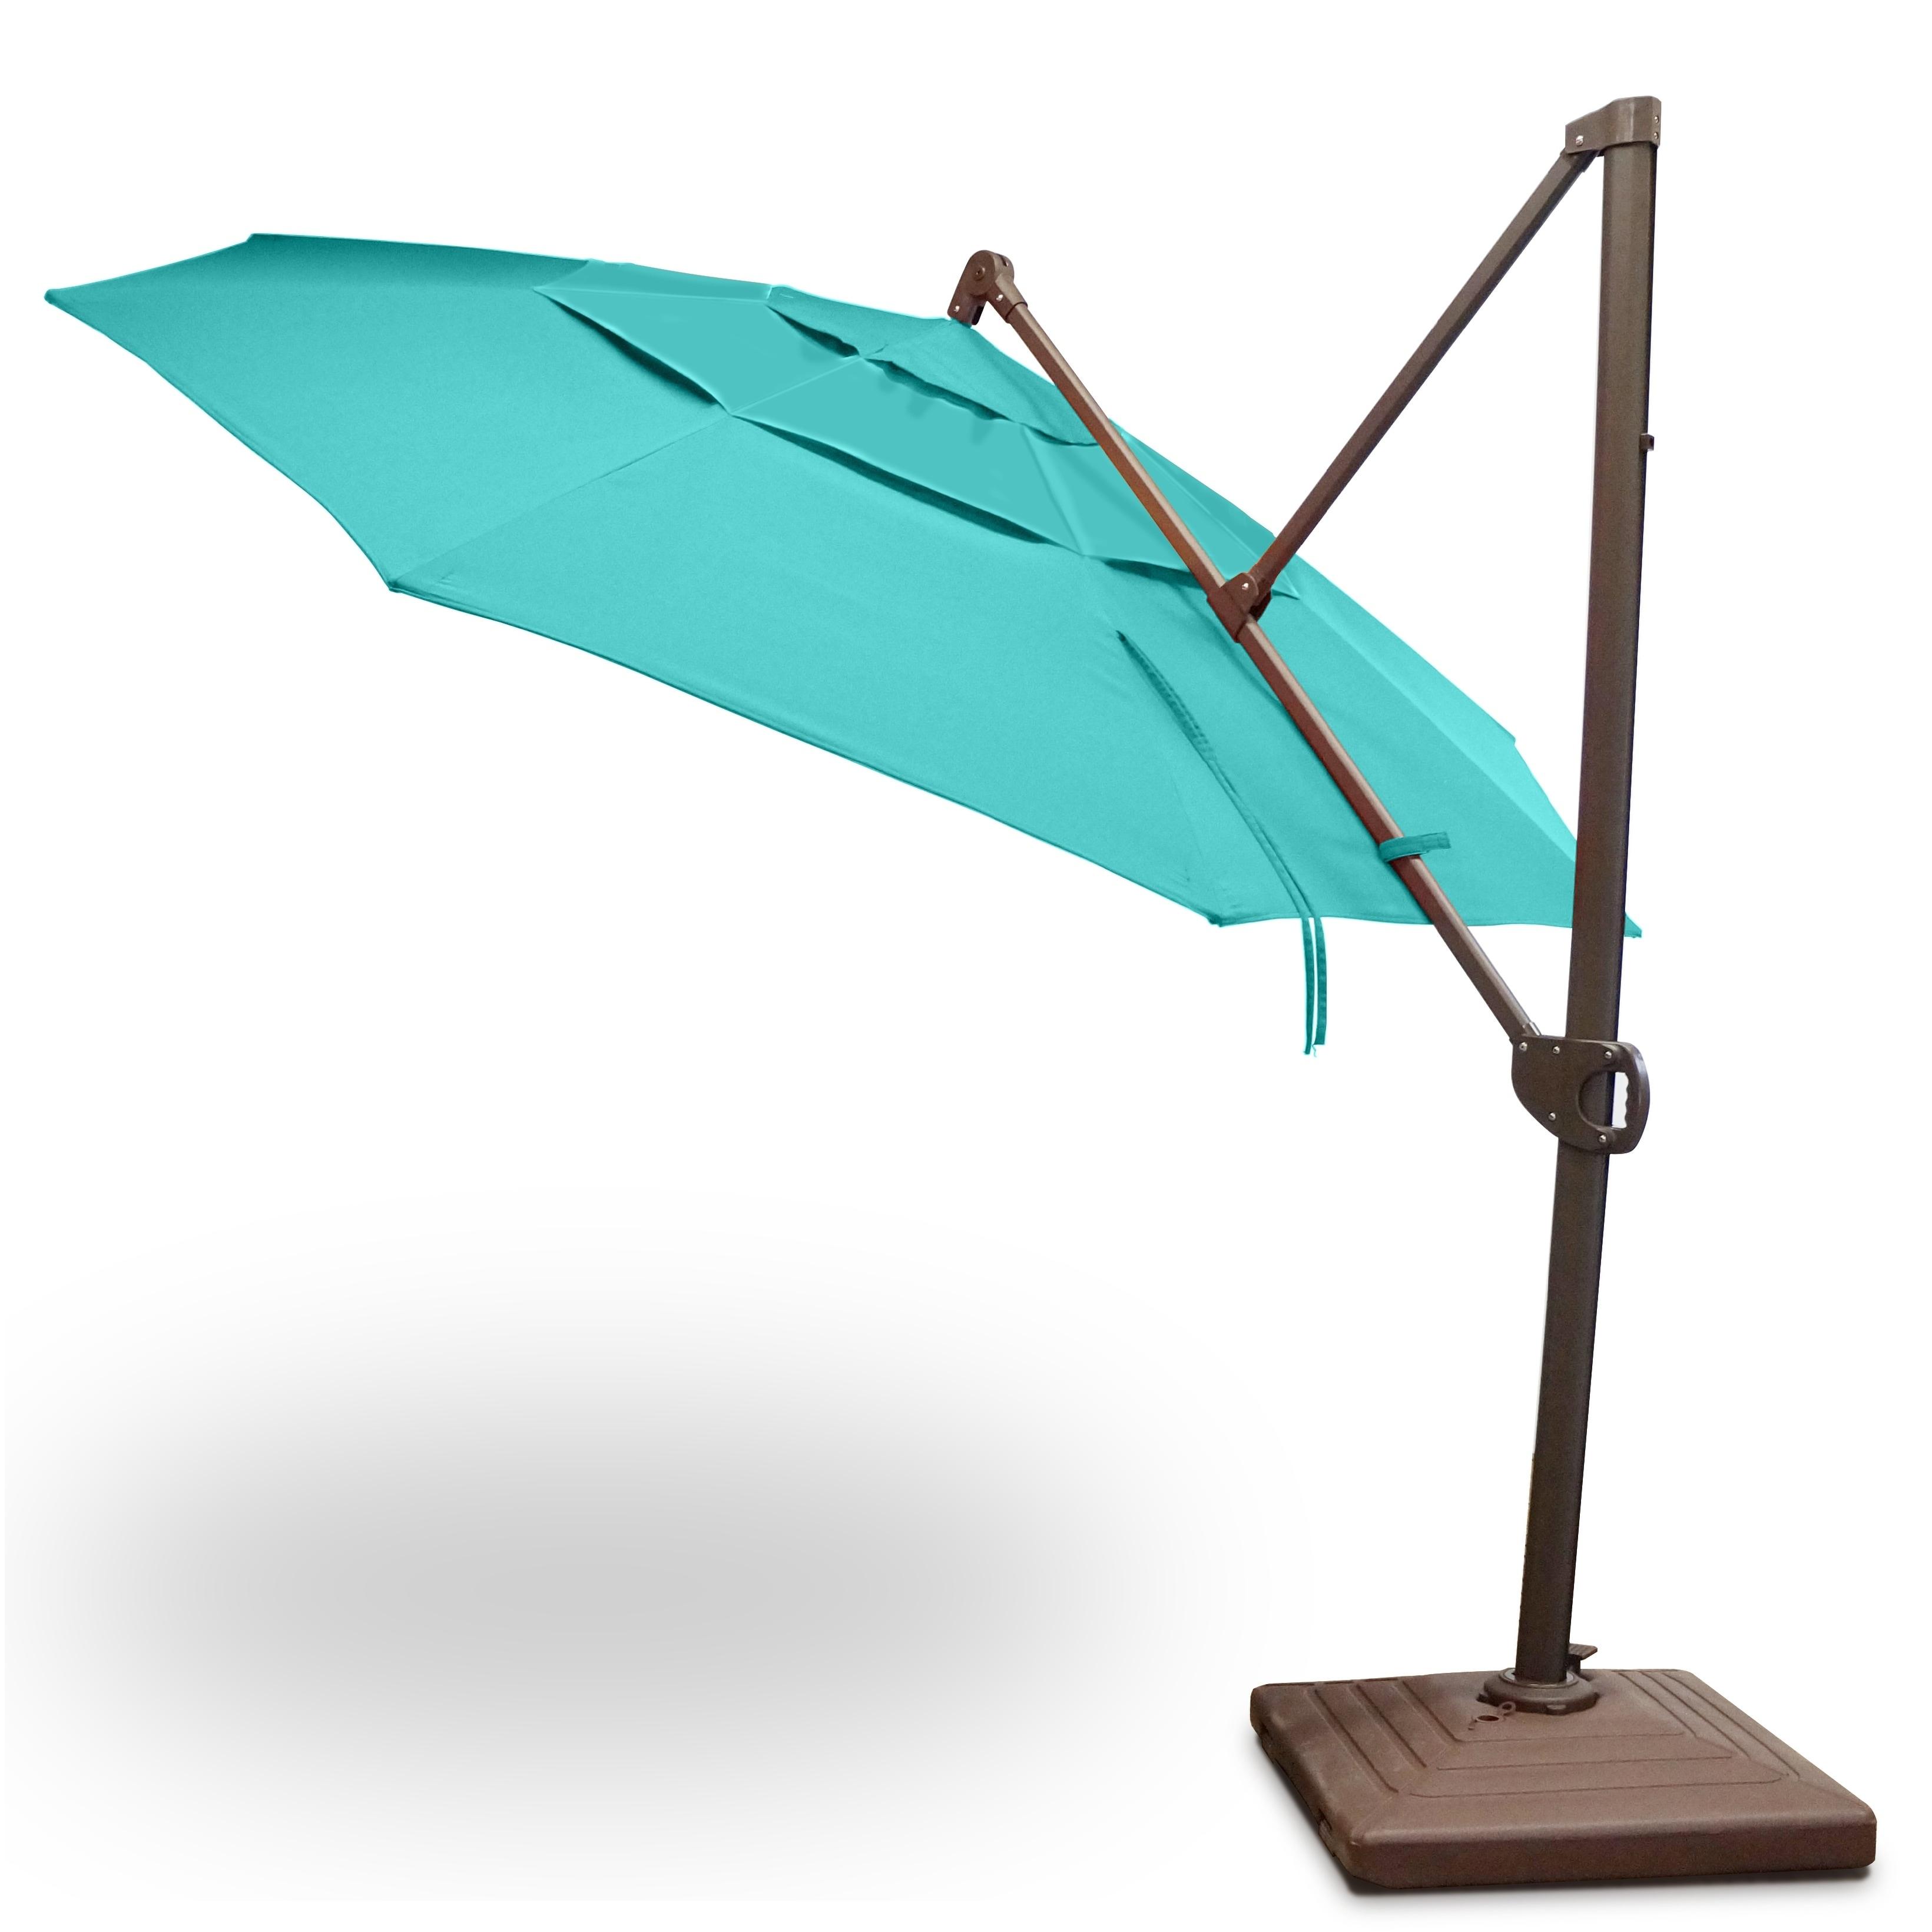 Shop Calais 11 Cantilever Parasol Umbrella With Sunbrella Fabric